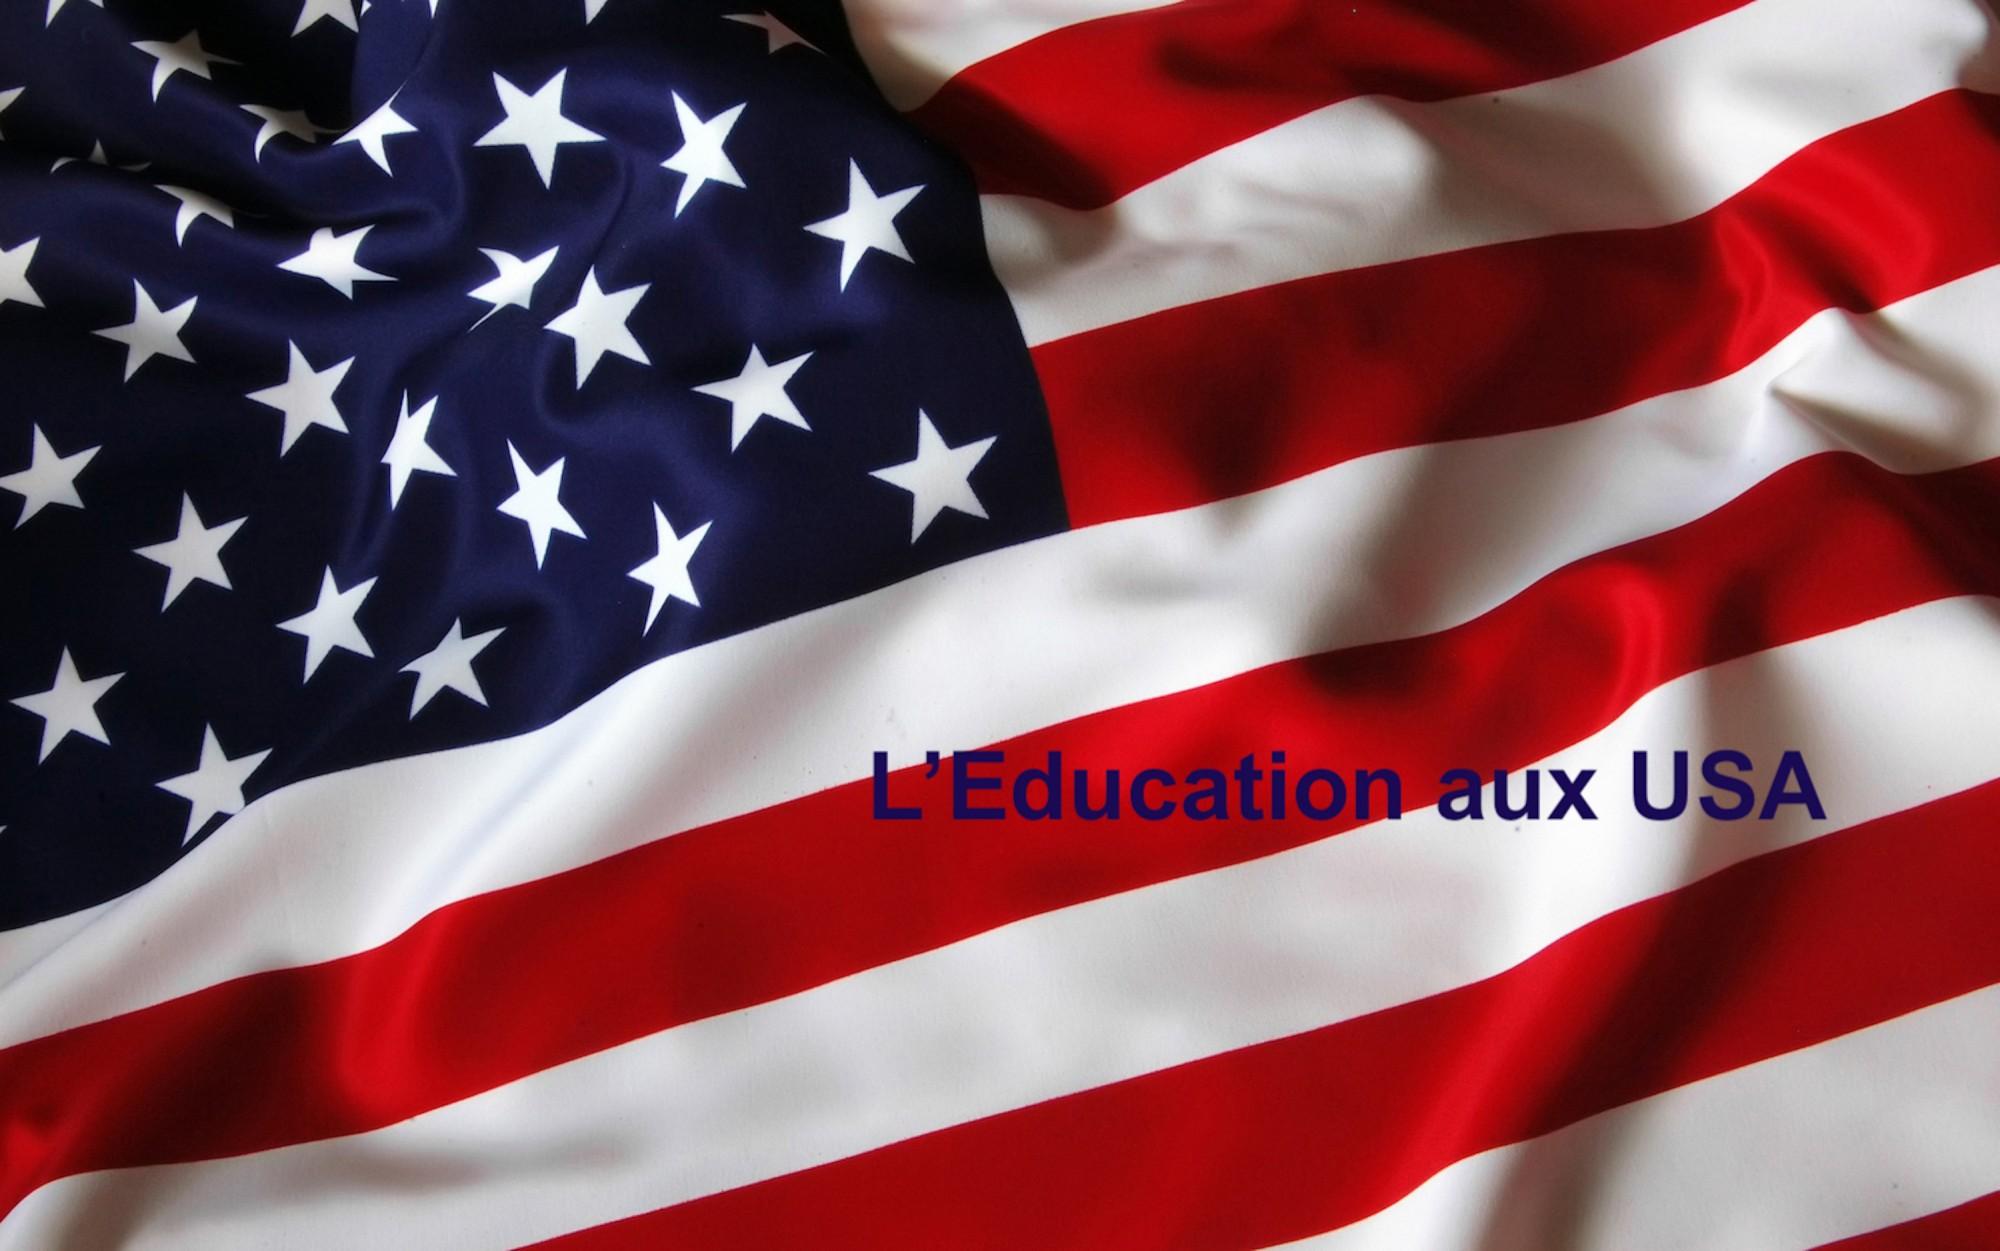 Le système éducatif américain